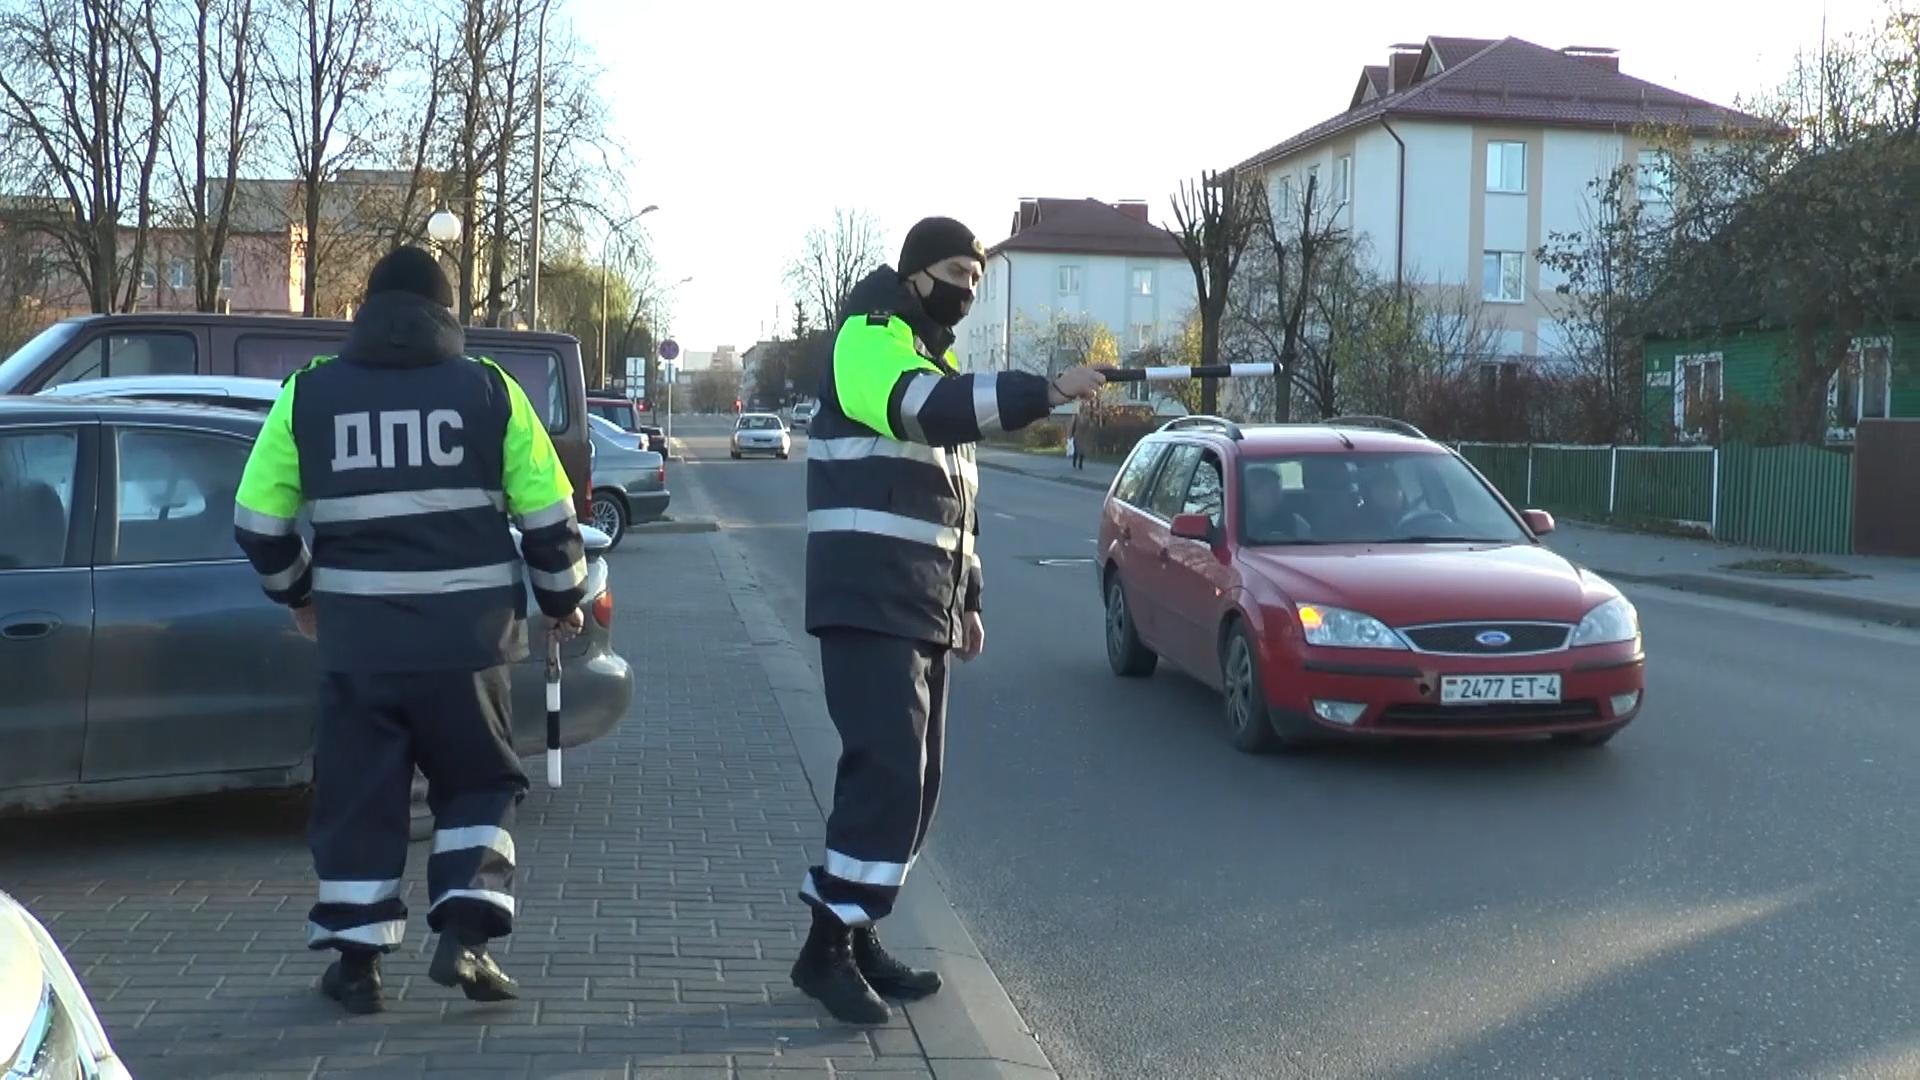 ГАИ сегодня проводит Единый день безопасности дорожного движения.